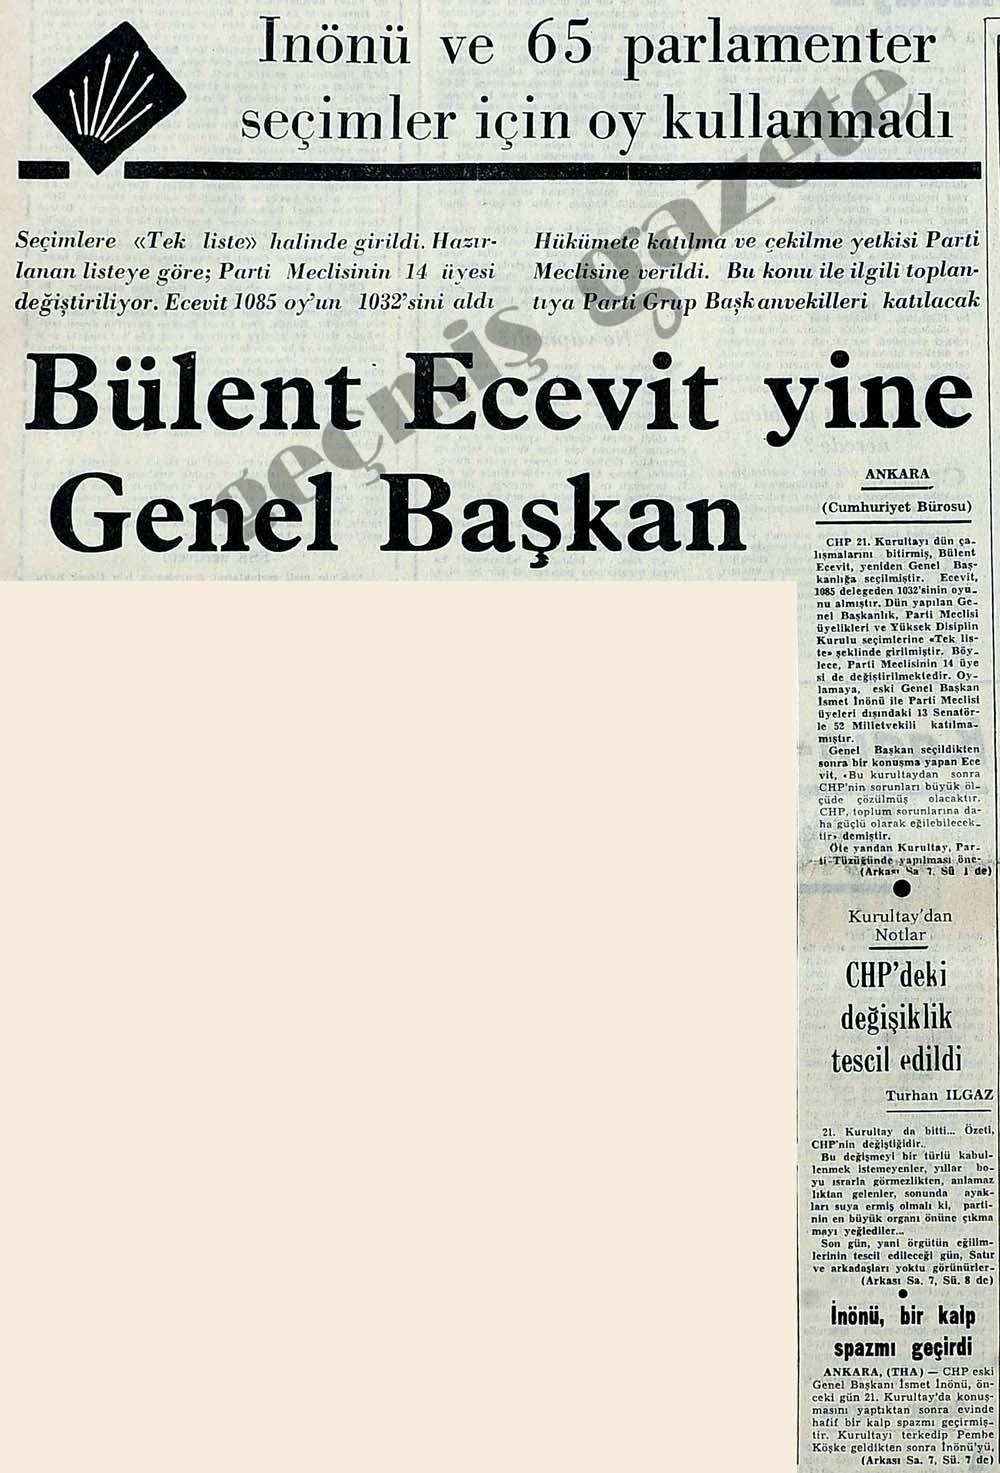 Ecevit yine Genel Başkan